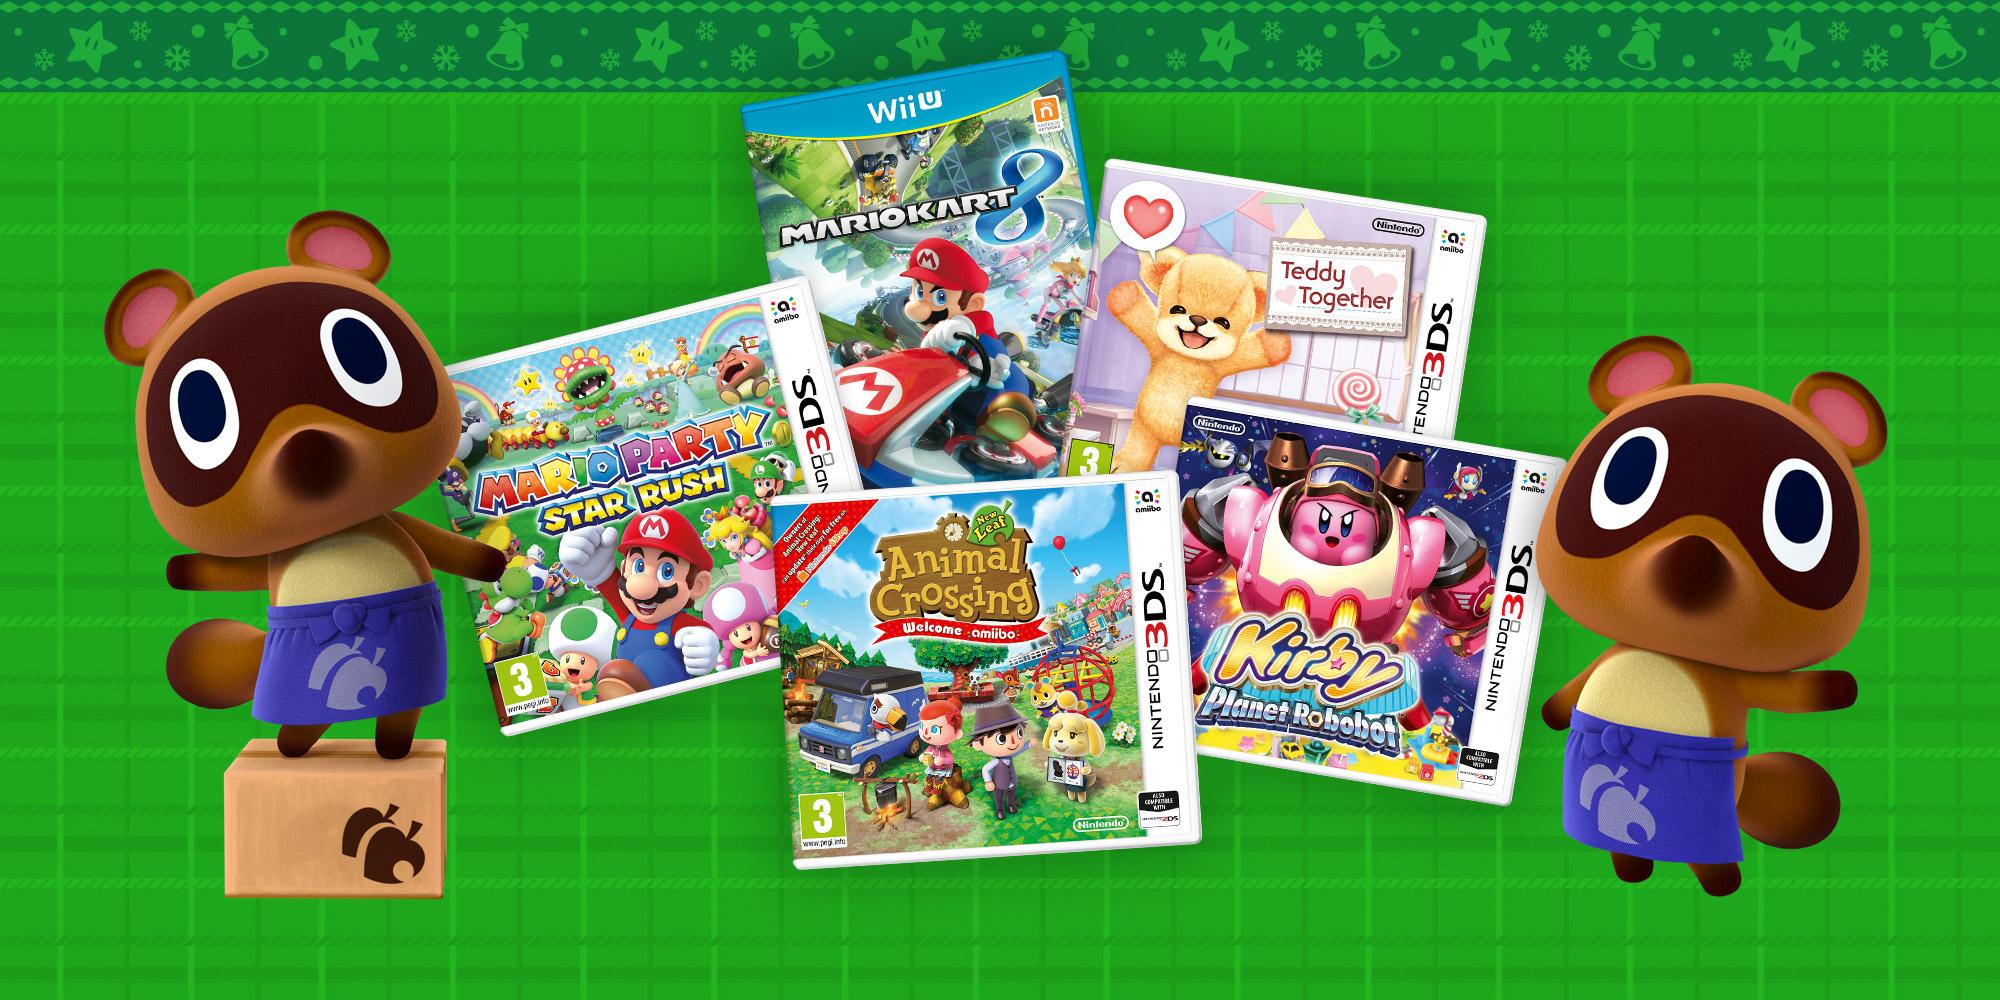 Guida Ai Regali Di Natale.Guida Ai Regali Di Natale Tanti Giochi Per Tutti Notizie Nintendo